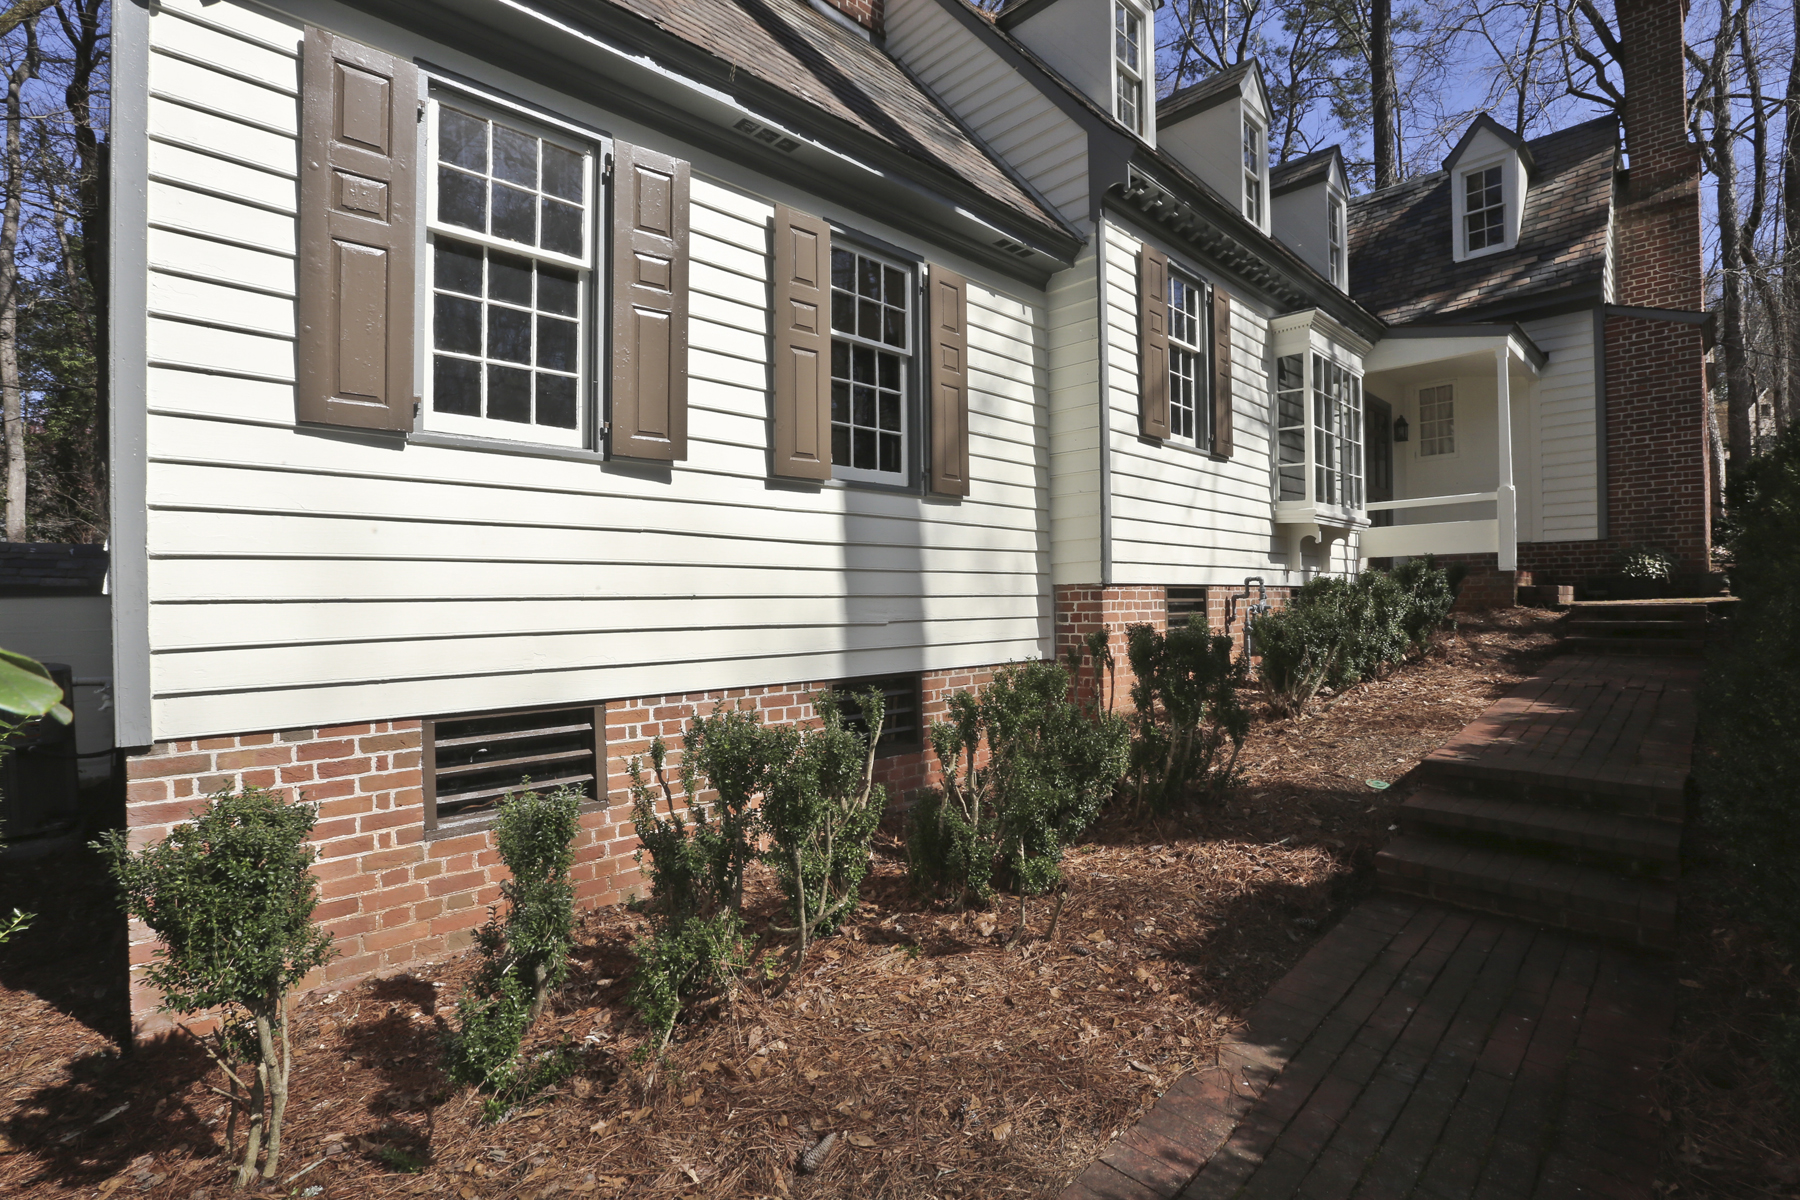 一戸建て のために 売買 アット Charming Williamsburg Home On 1.2 Acre Lot 1215 E Beechwood Drive Buckhead, Atlanta, ジョージア, 30327 アメリカ合衆国